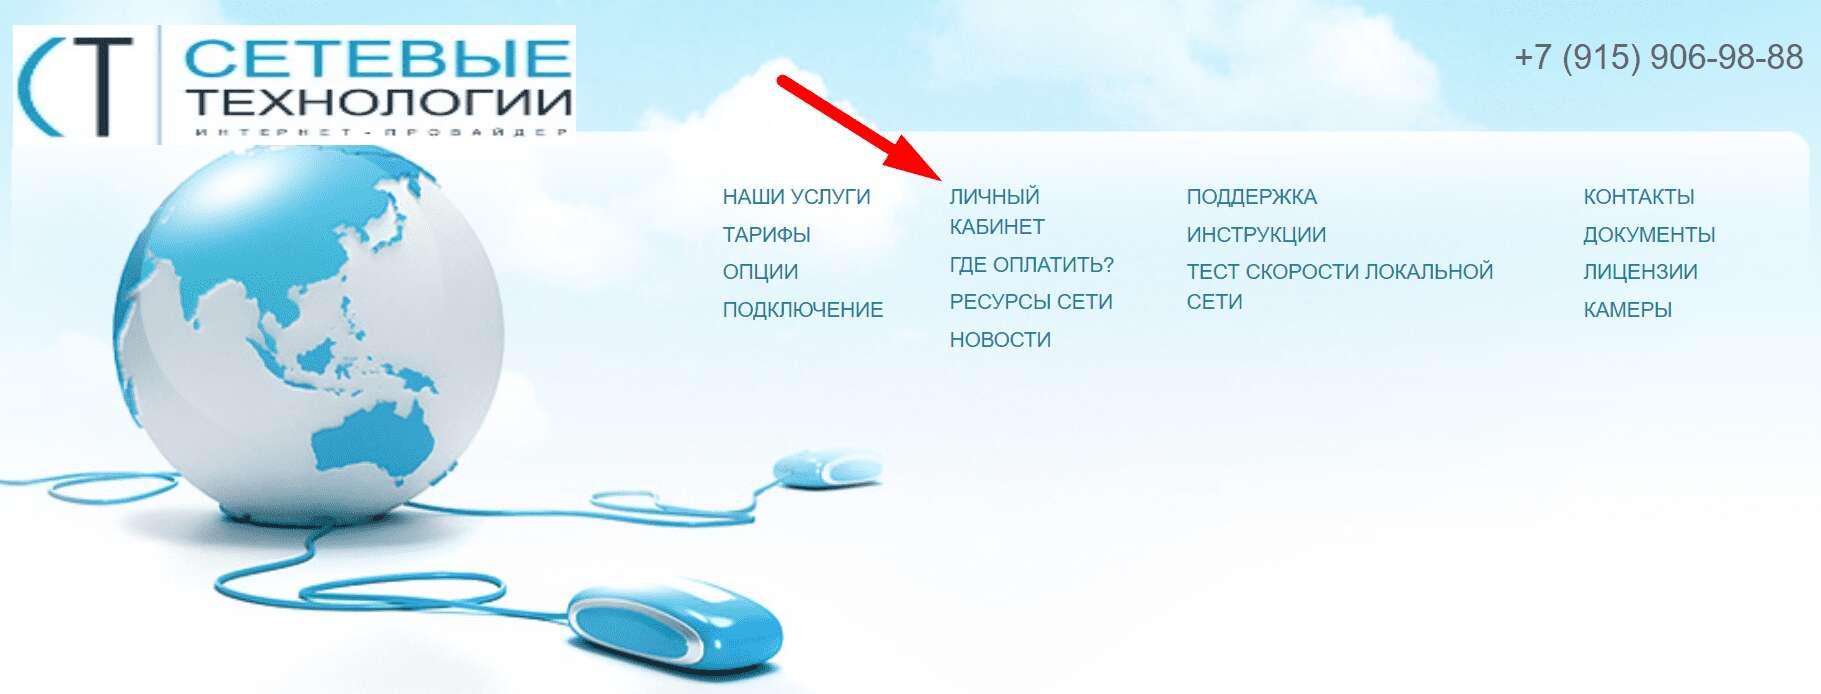 Официальный сайт провайдера «Галич-интернет»